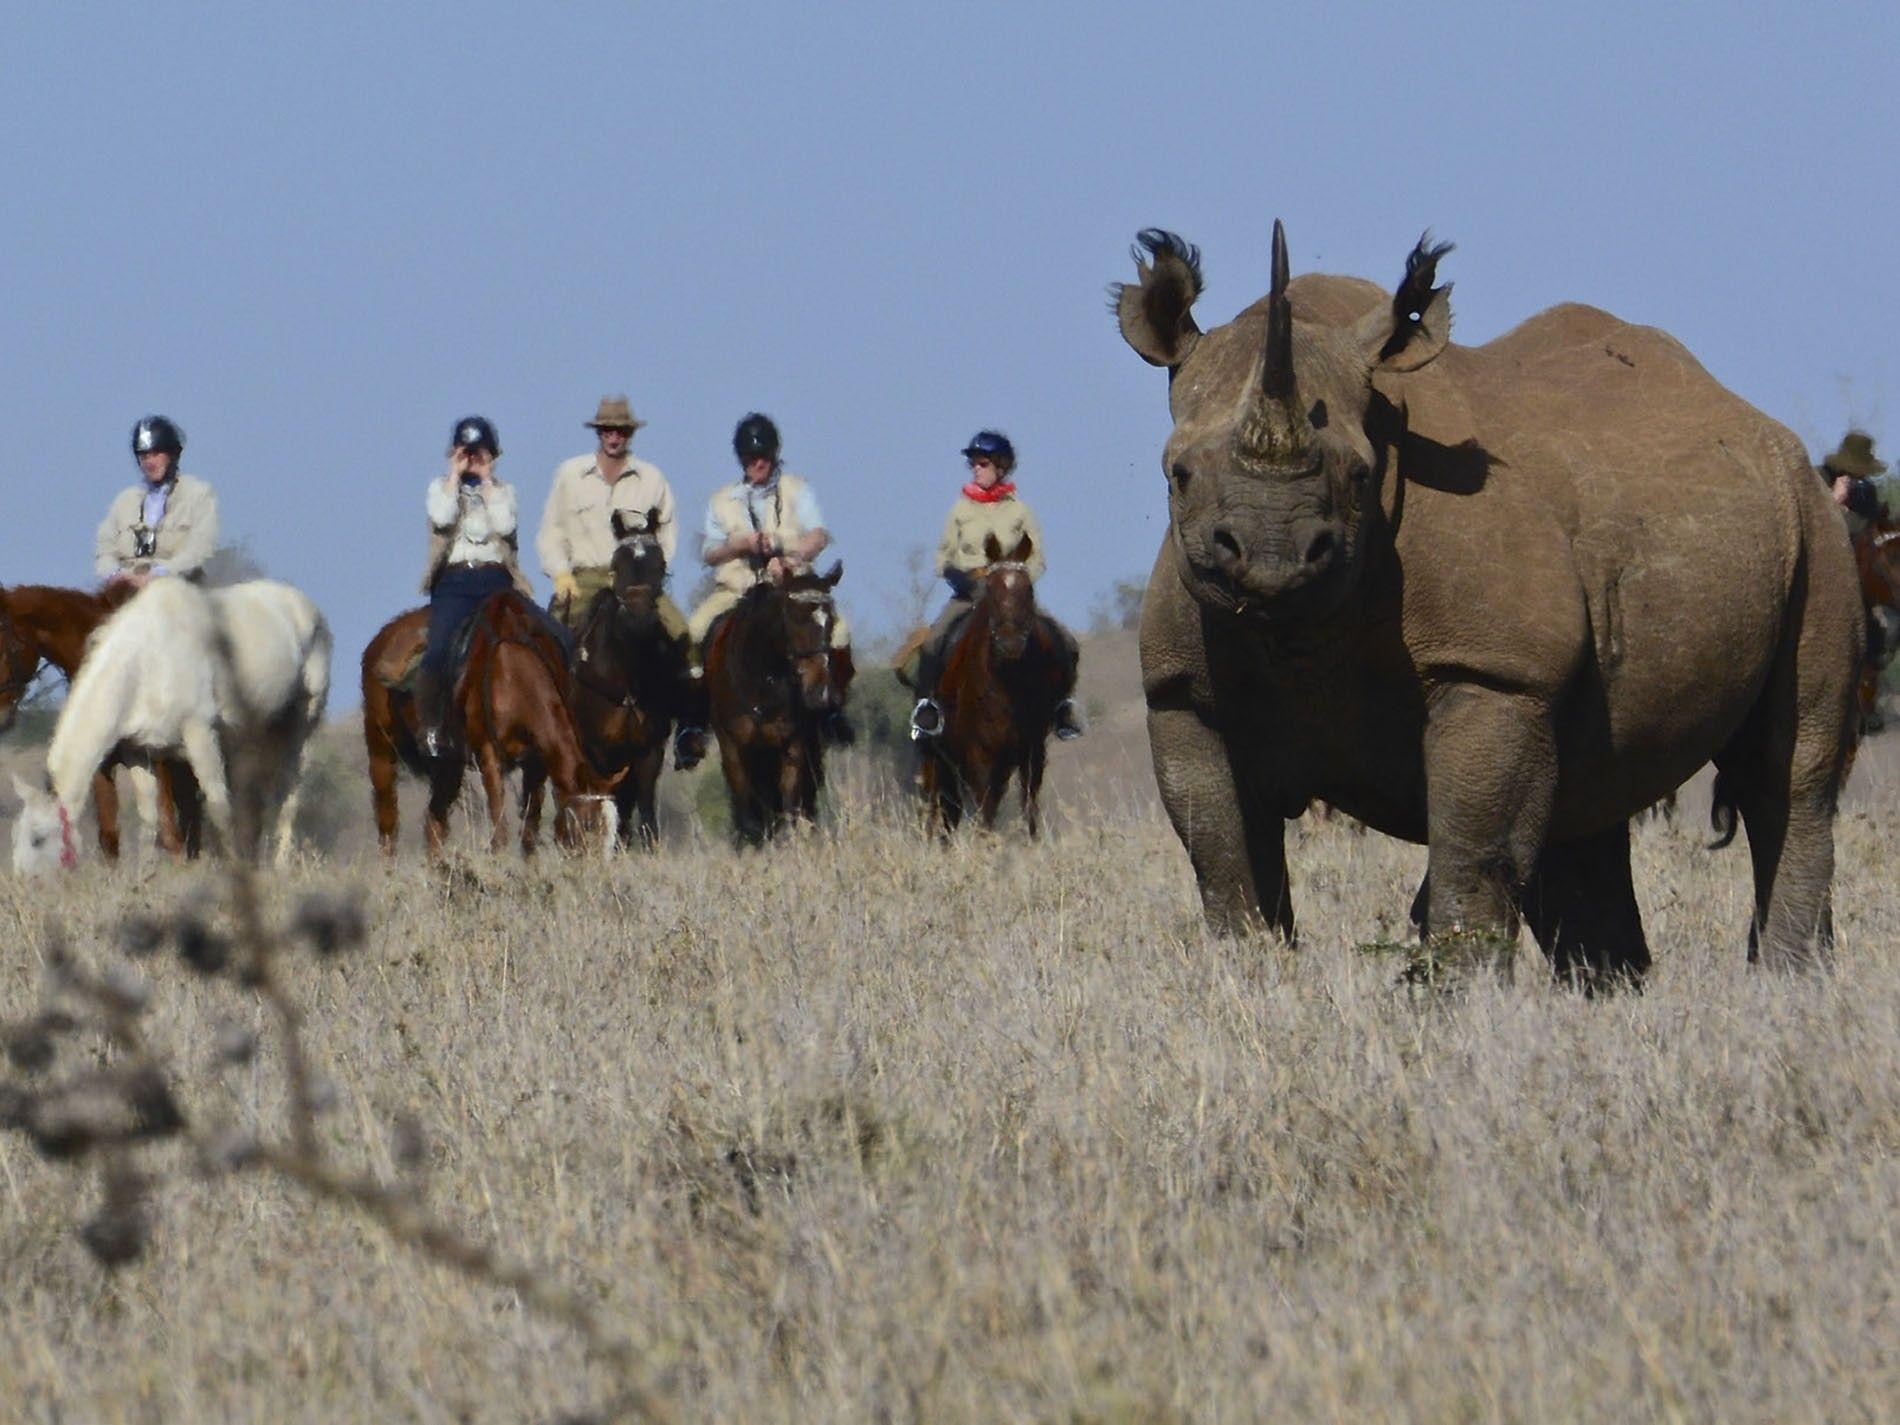 Riding Safari Association